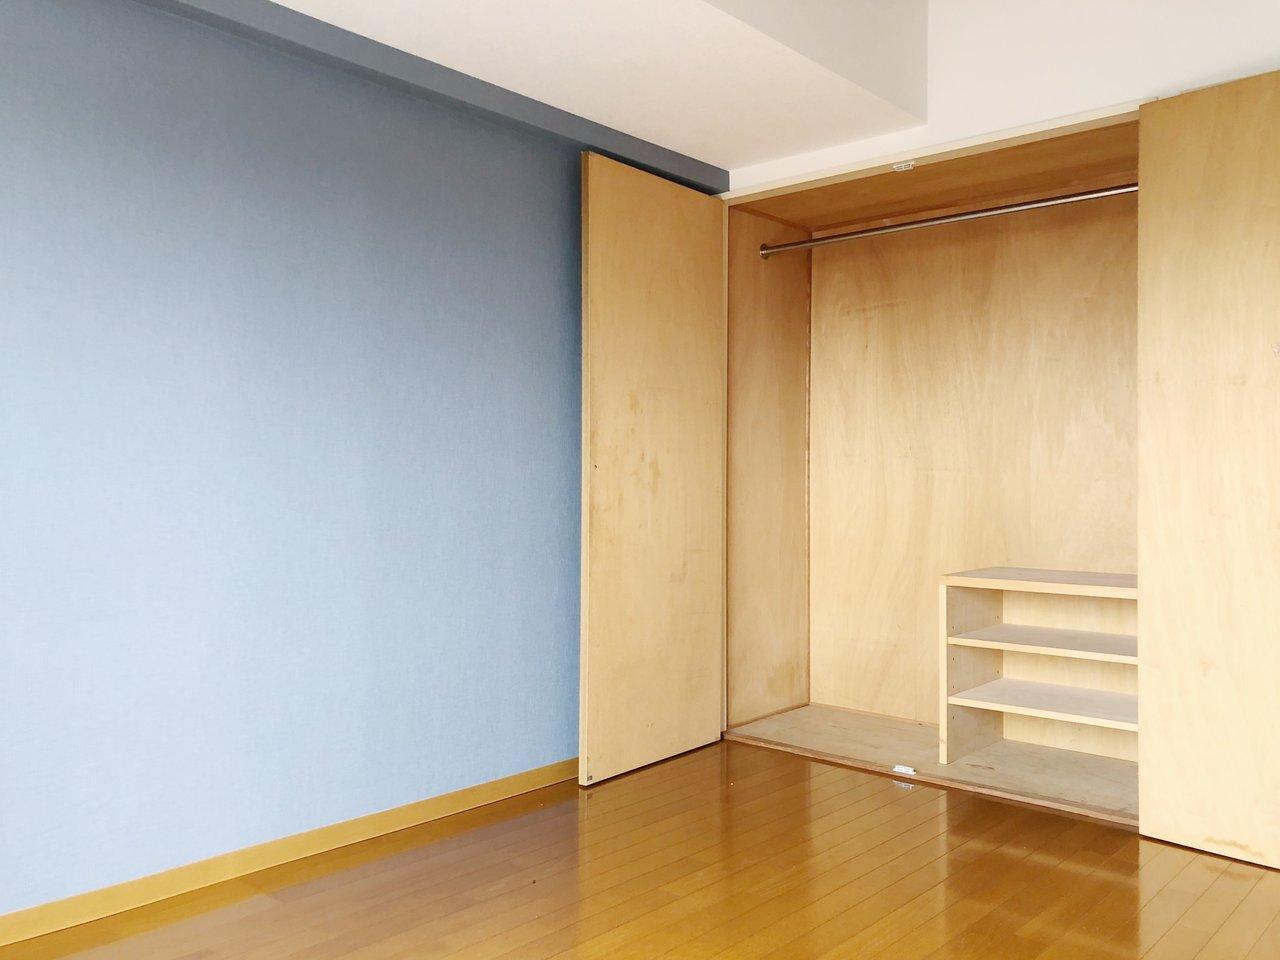 大きめの収納と、ブルーのアクセントクロスが嬉しい1Kのお部屋